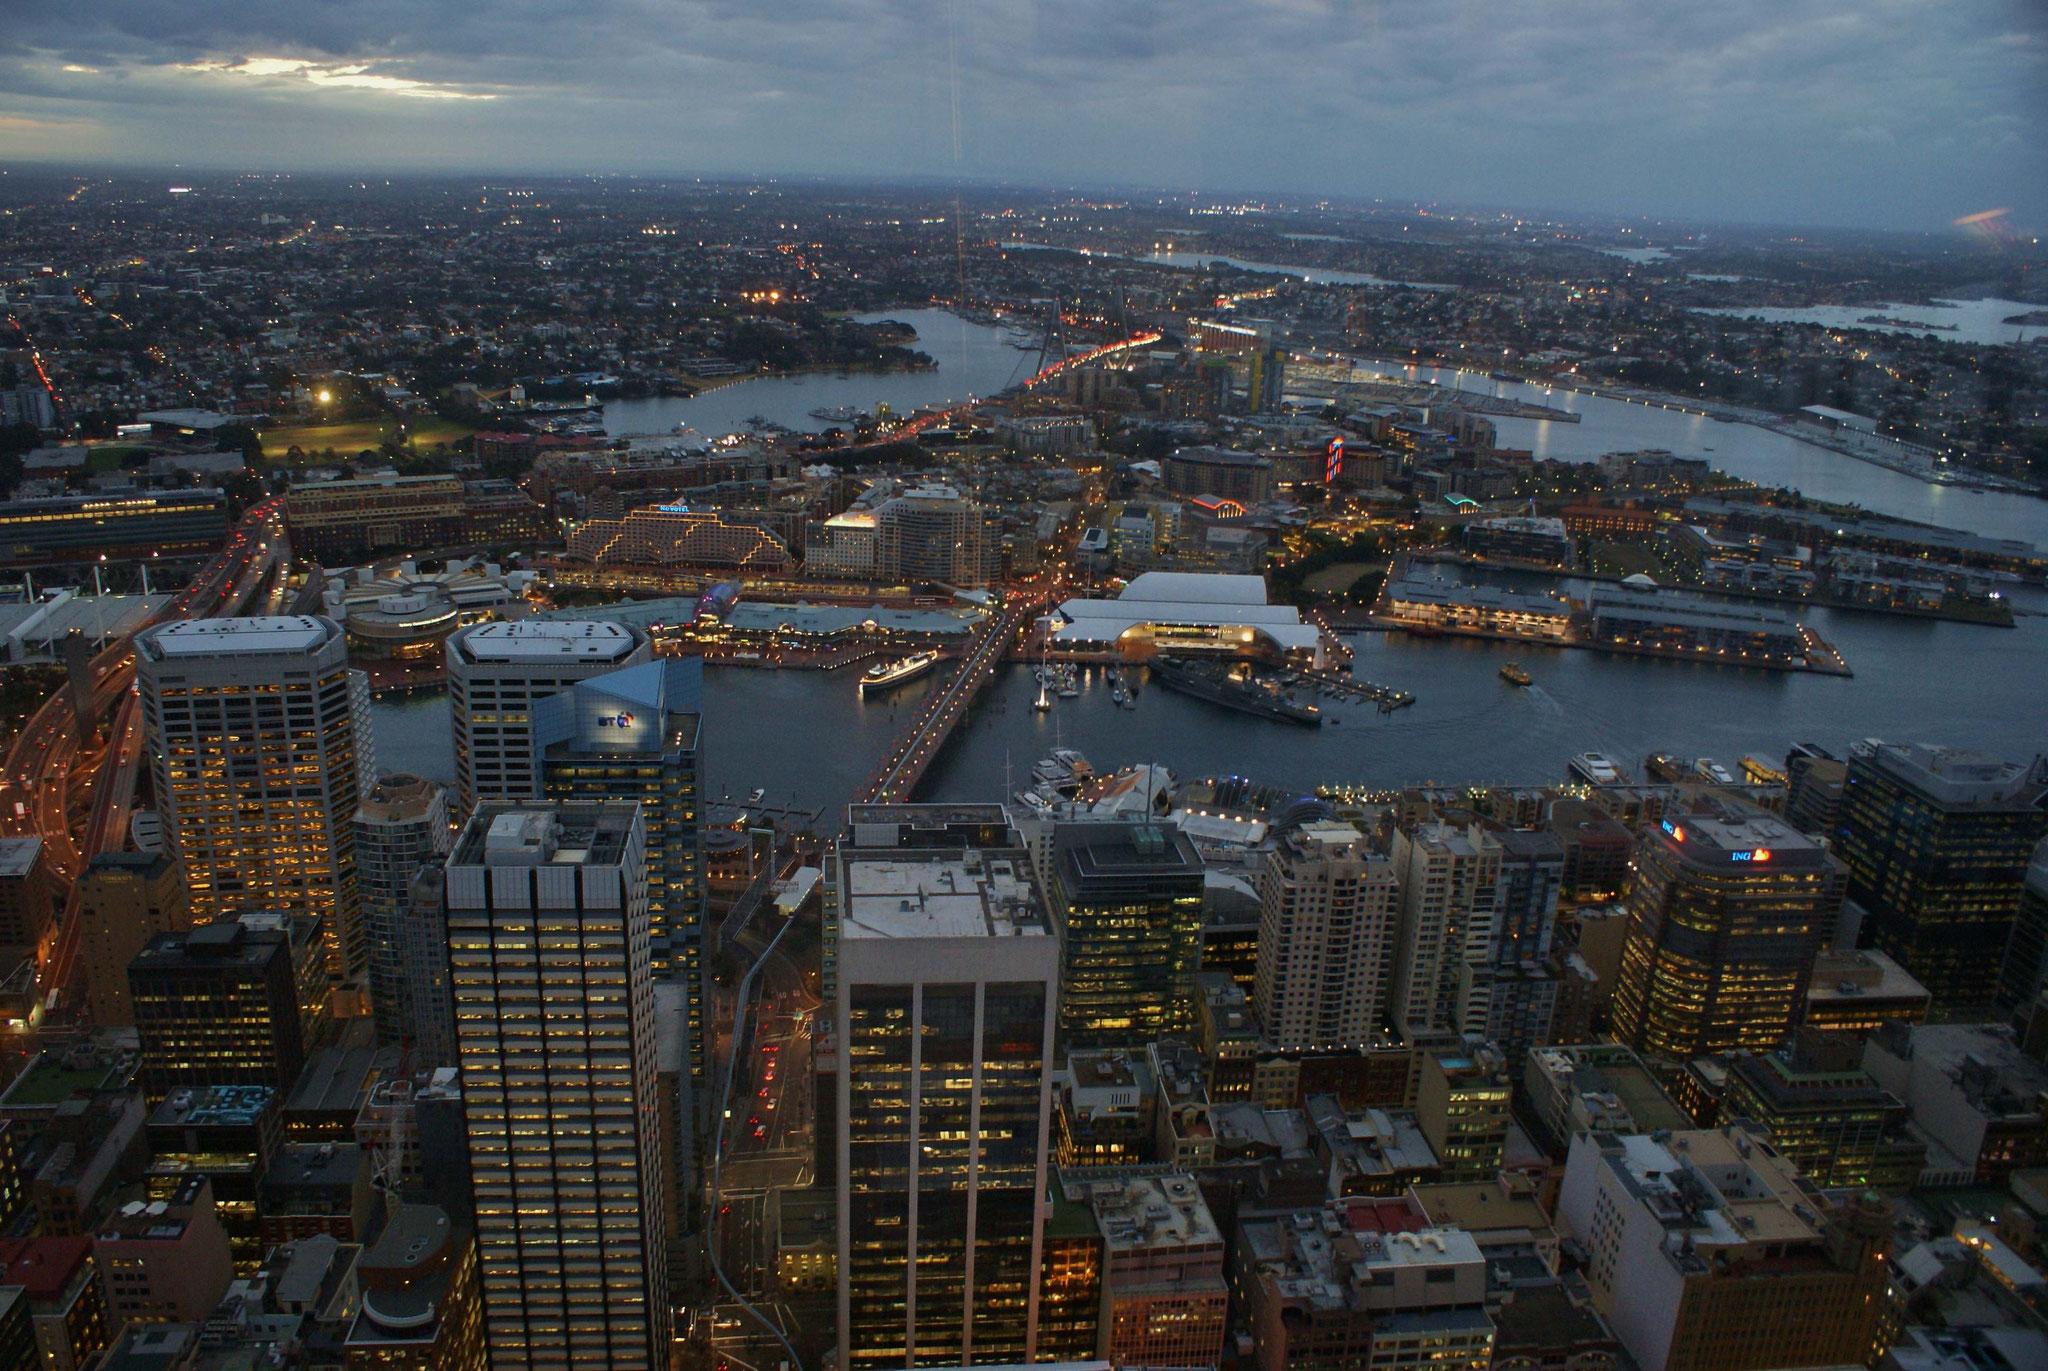 Sydney von oben in der Dämmerung (vom Fernsehturm aus)